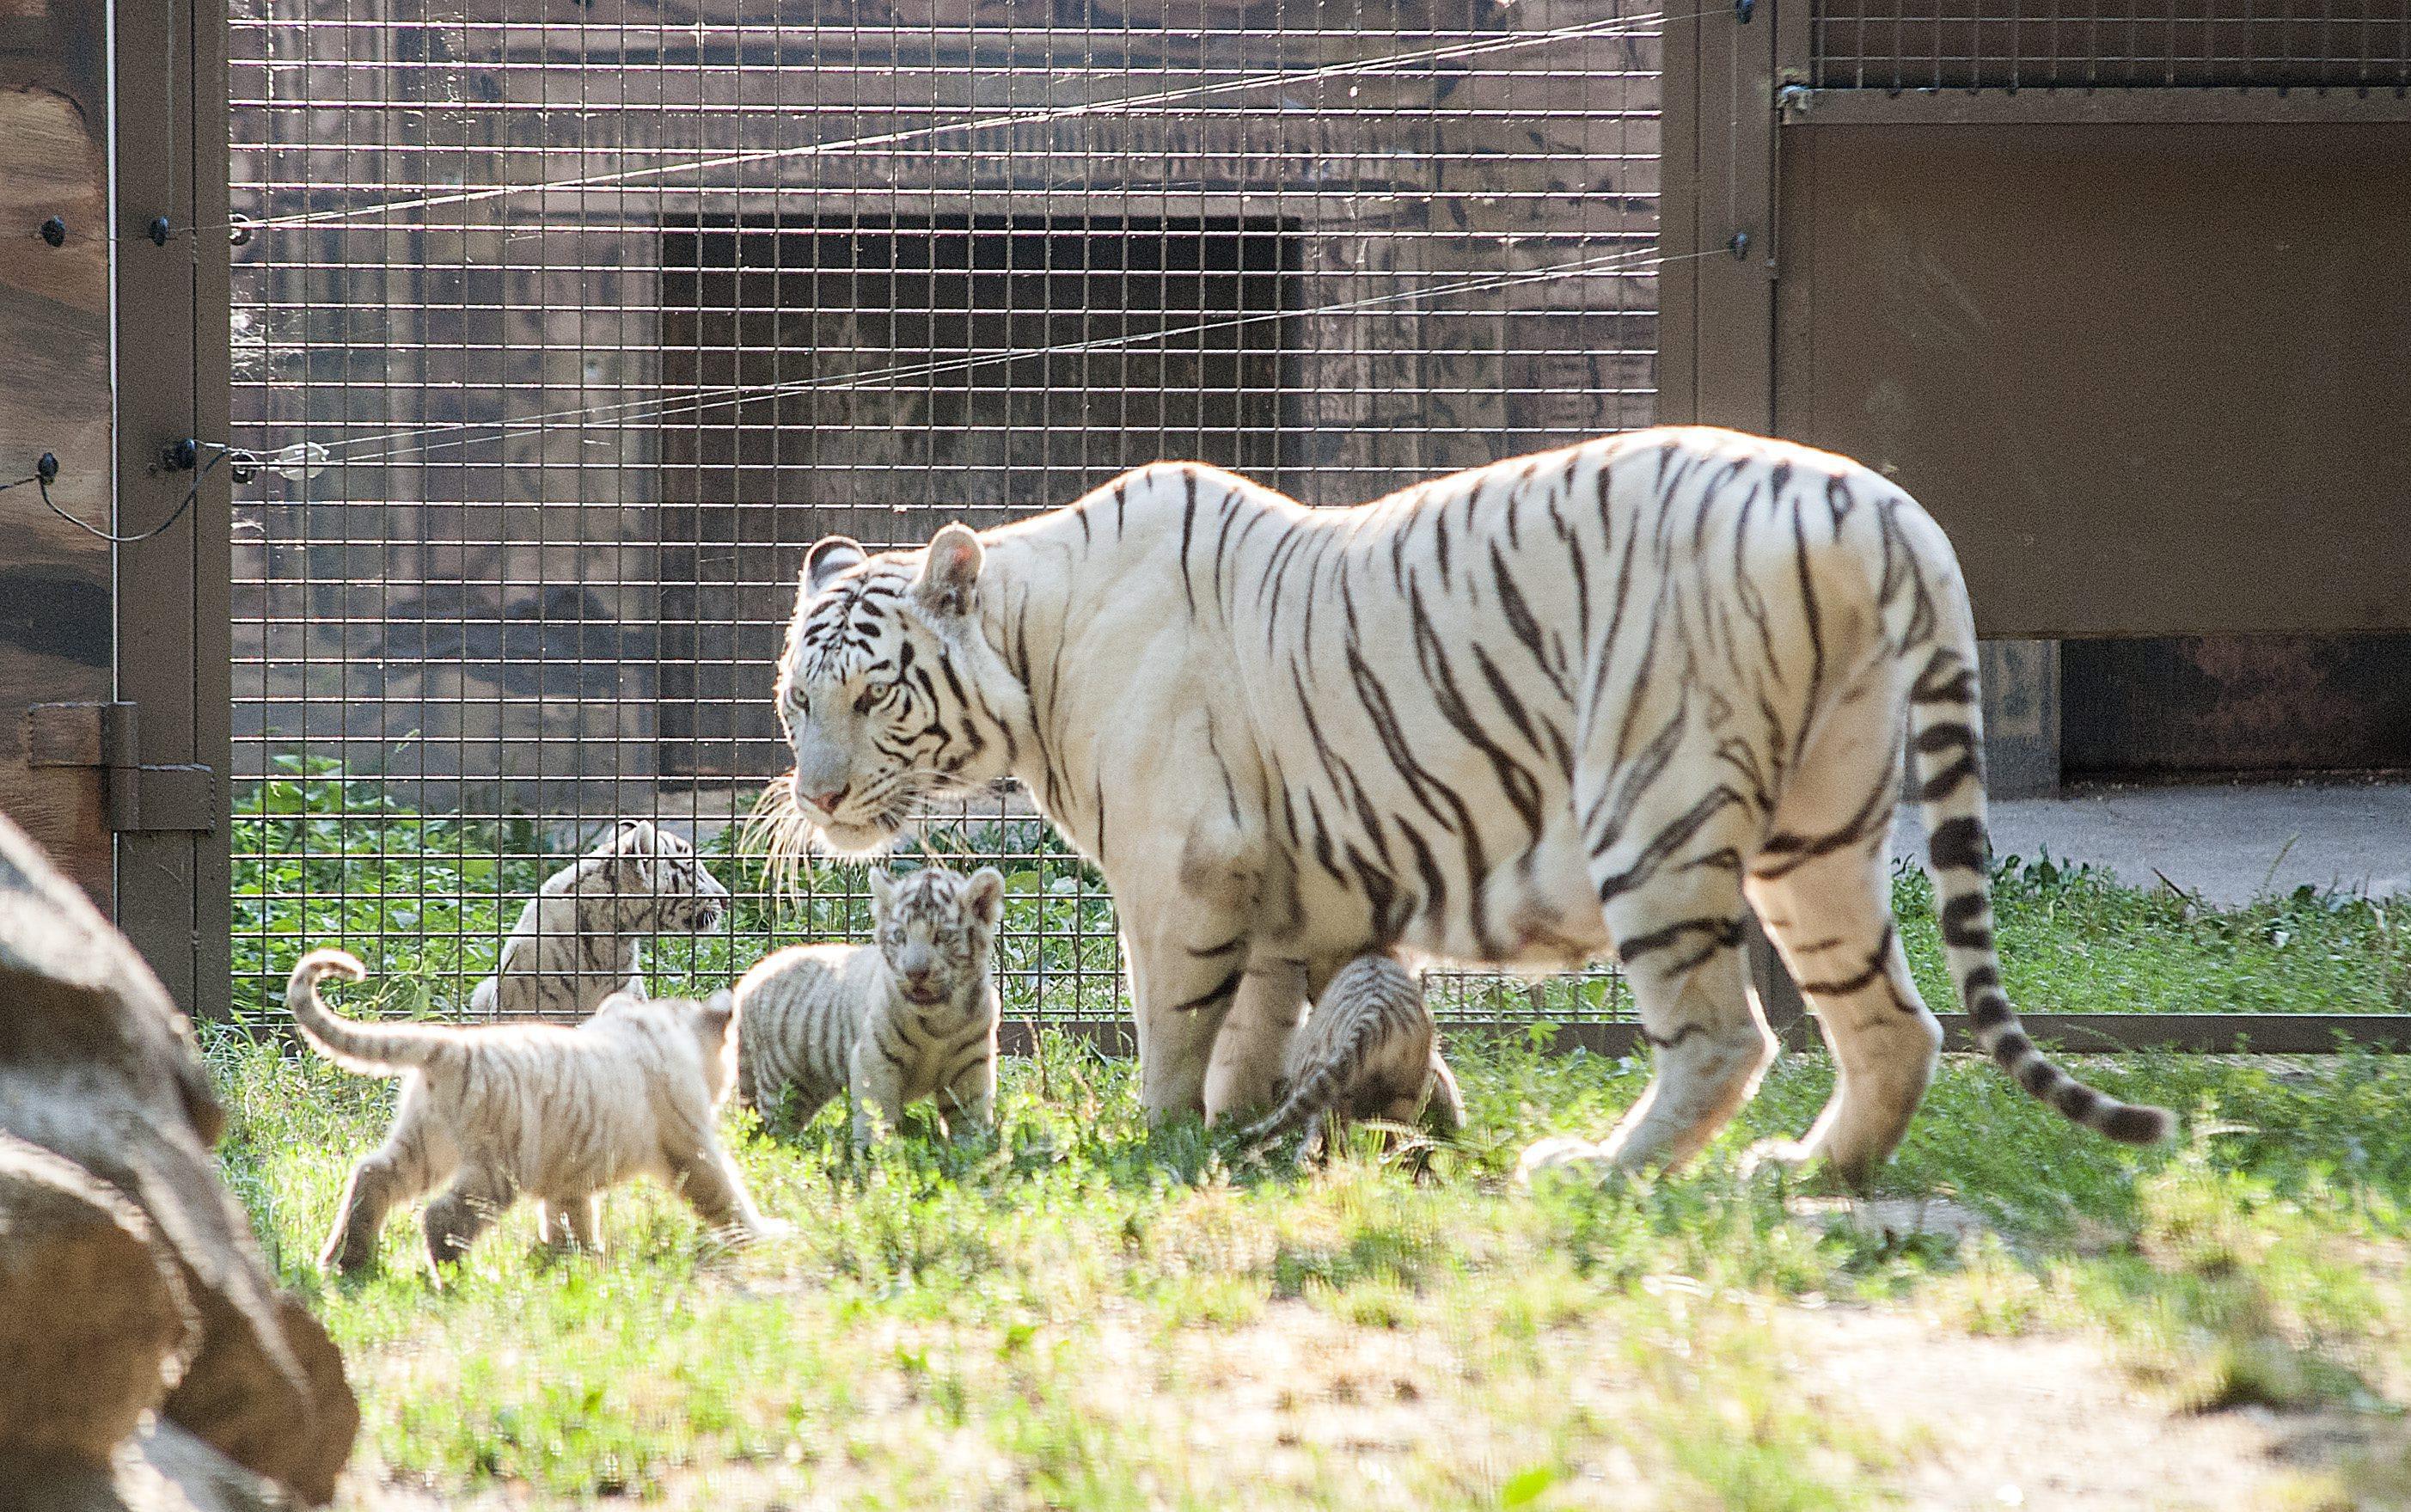 Gyõr, 2015. július 24. Bengáli tigriskölykök anyjukkal a gyõri Xantus János Állatkertben 2015. július 24-én. A négy kistigris május végén született. MTI Fotó: Krizsán Csaba